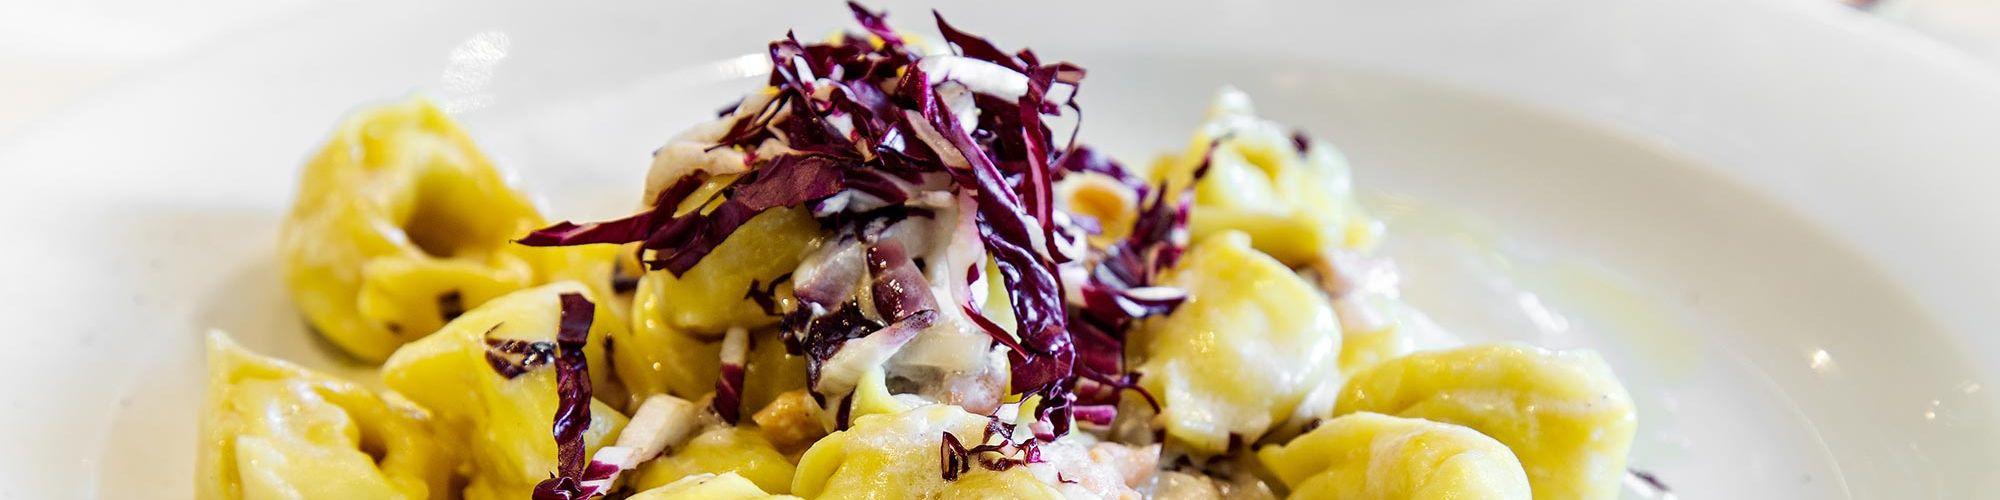 ricetta Tortelli con salmone, radicchio rosso e noci con pasta fresca